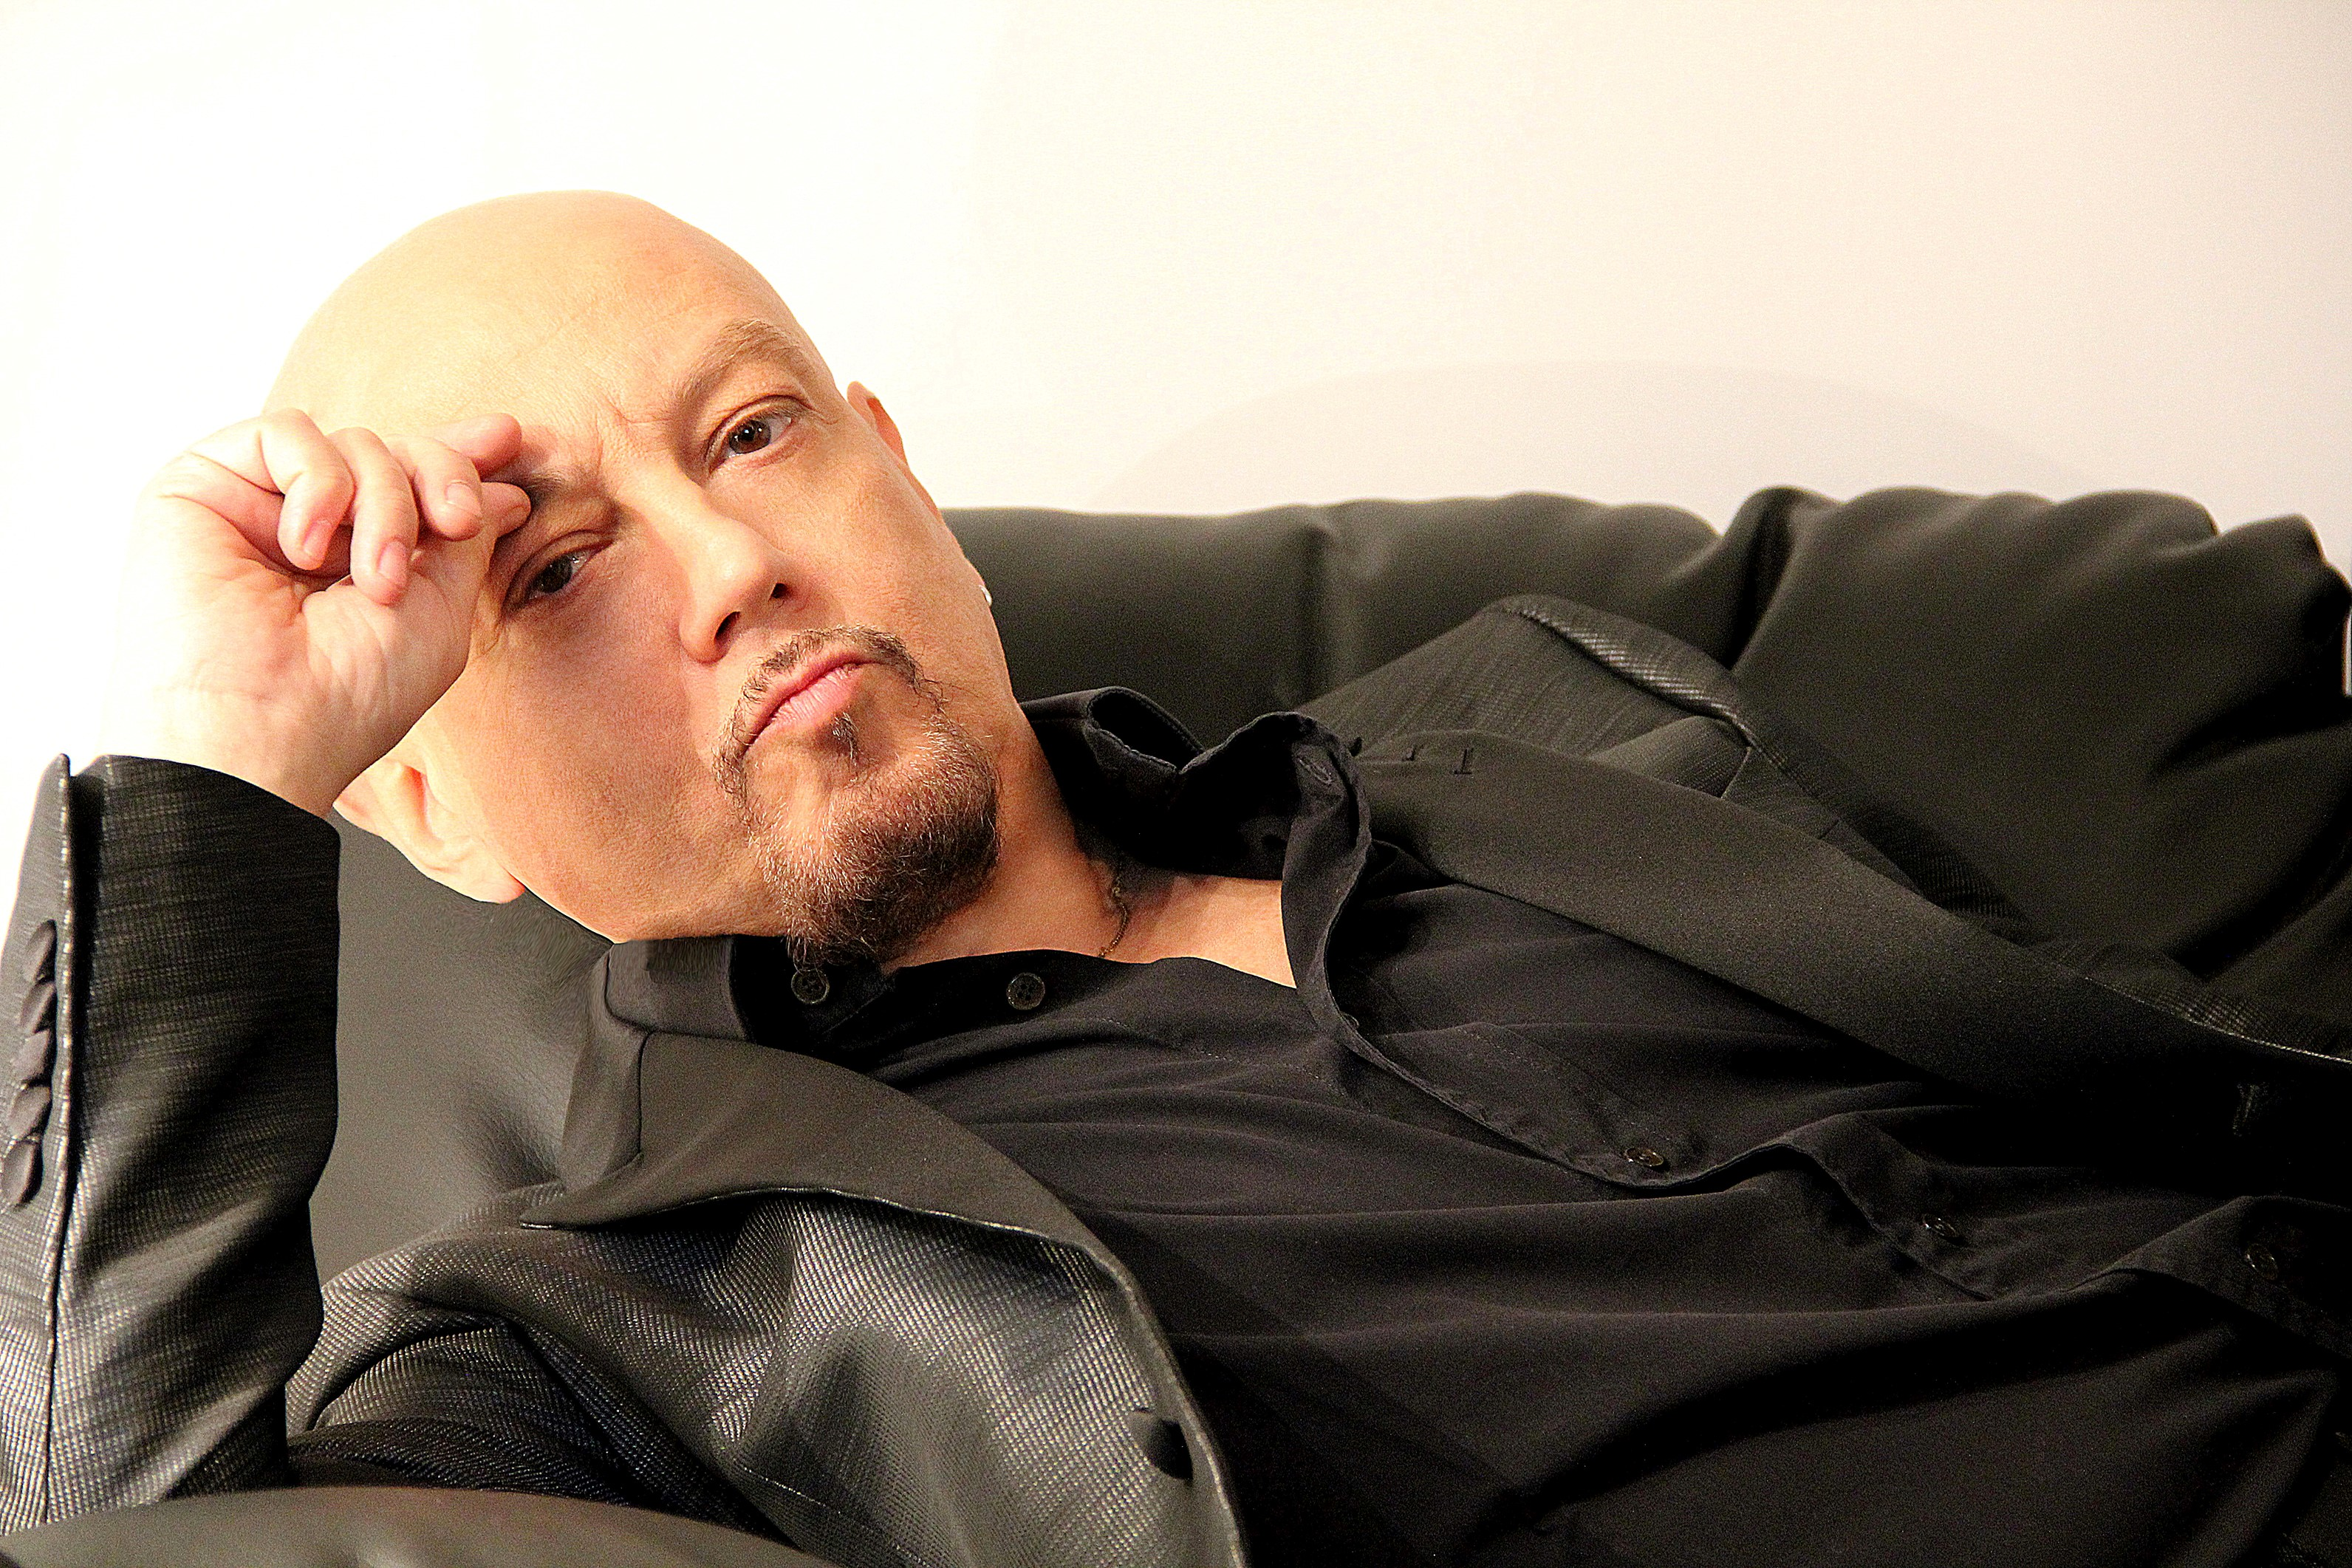 TEATRO - Grande attesa per Enrico Ruggeri Acoustic Tour in scena al  Mandanici di Barcellona - Scomunicando